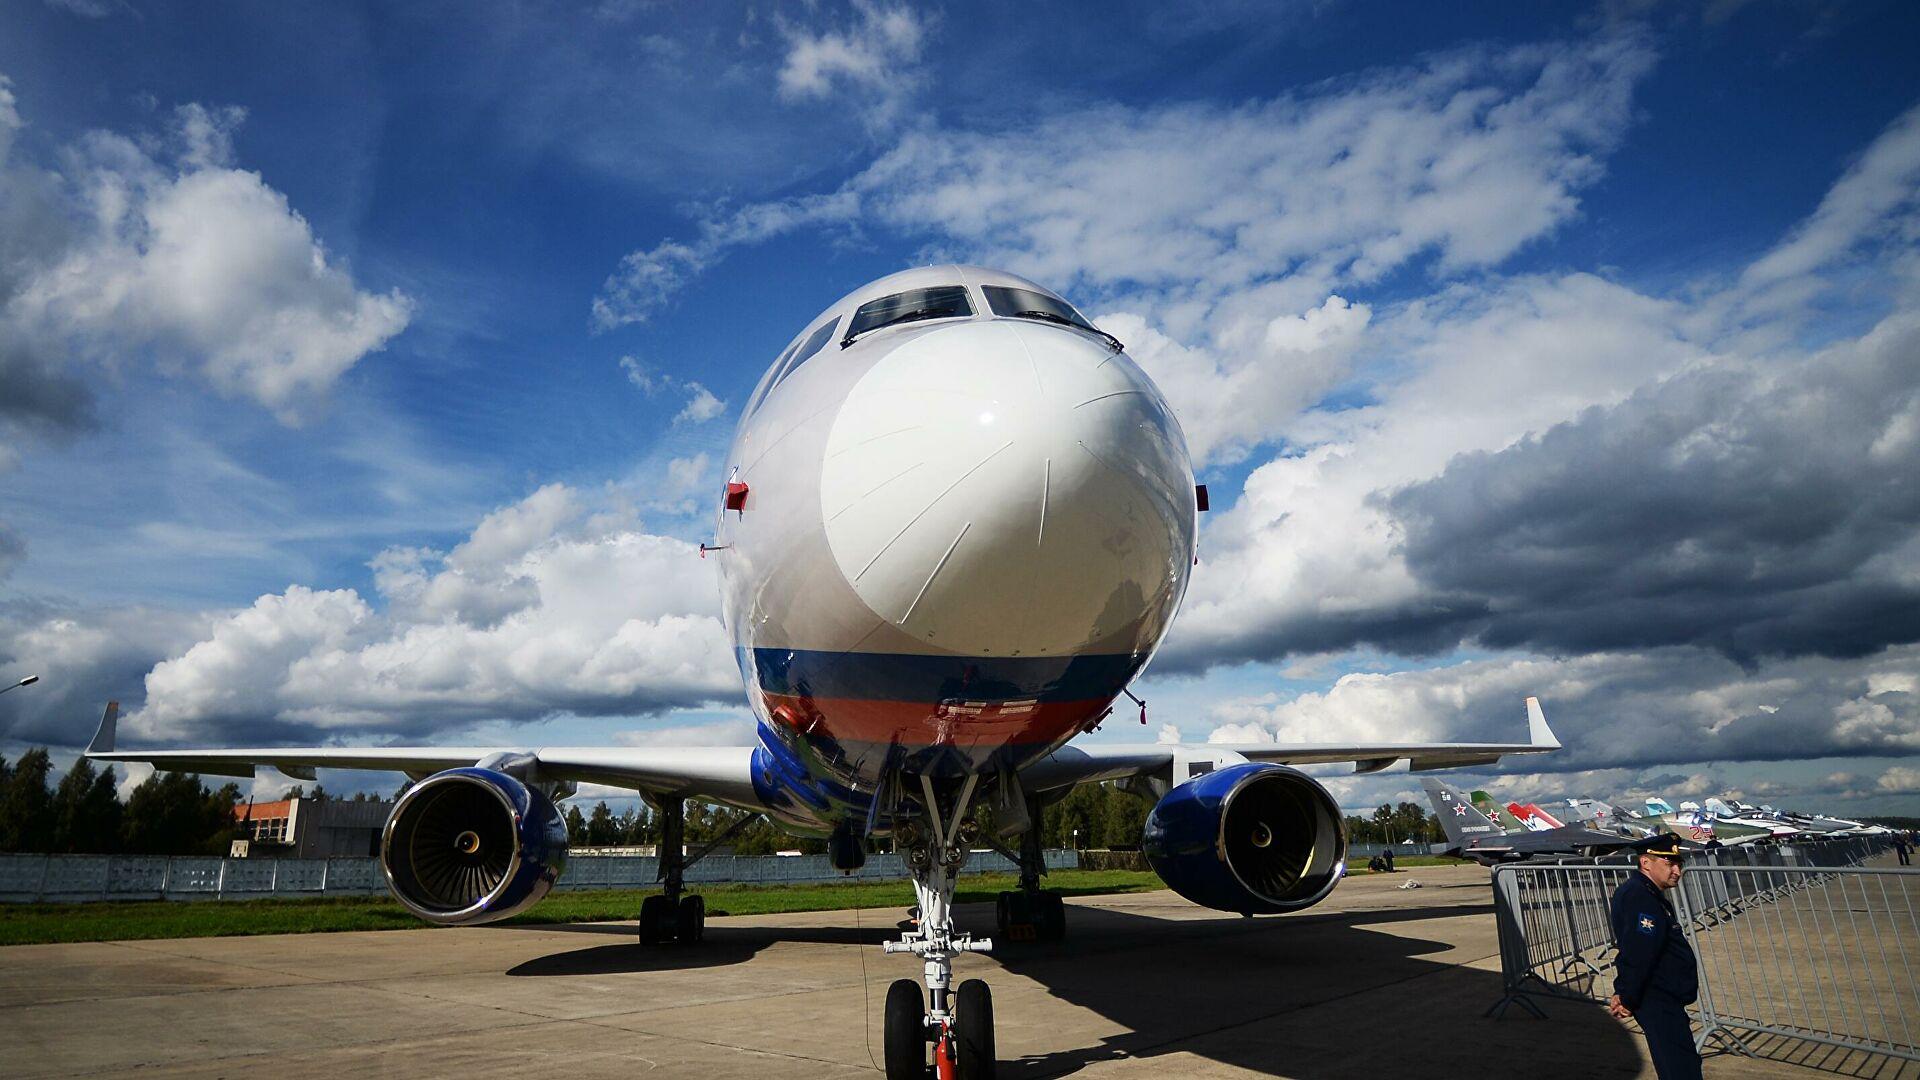 После иступања Русије из Уговора о отвореном небу, два авиона Ту-214ОН користиће се за контролу безбедности војних објеката